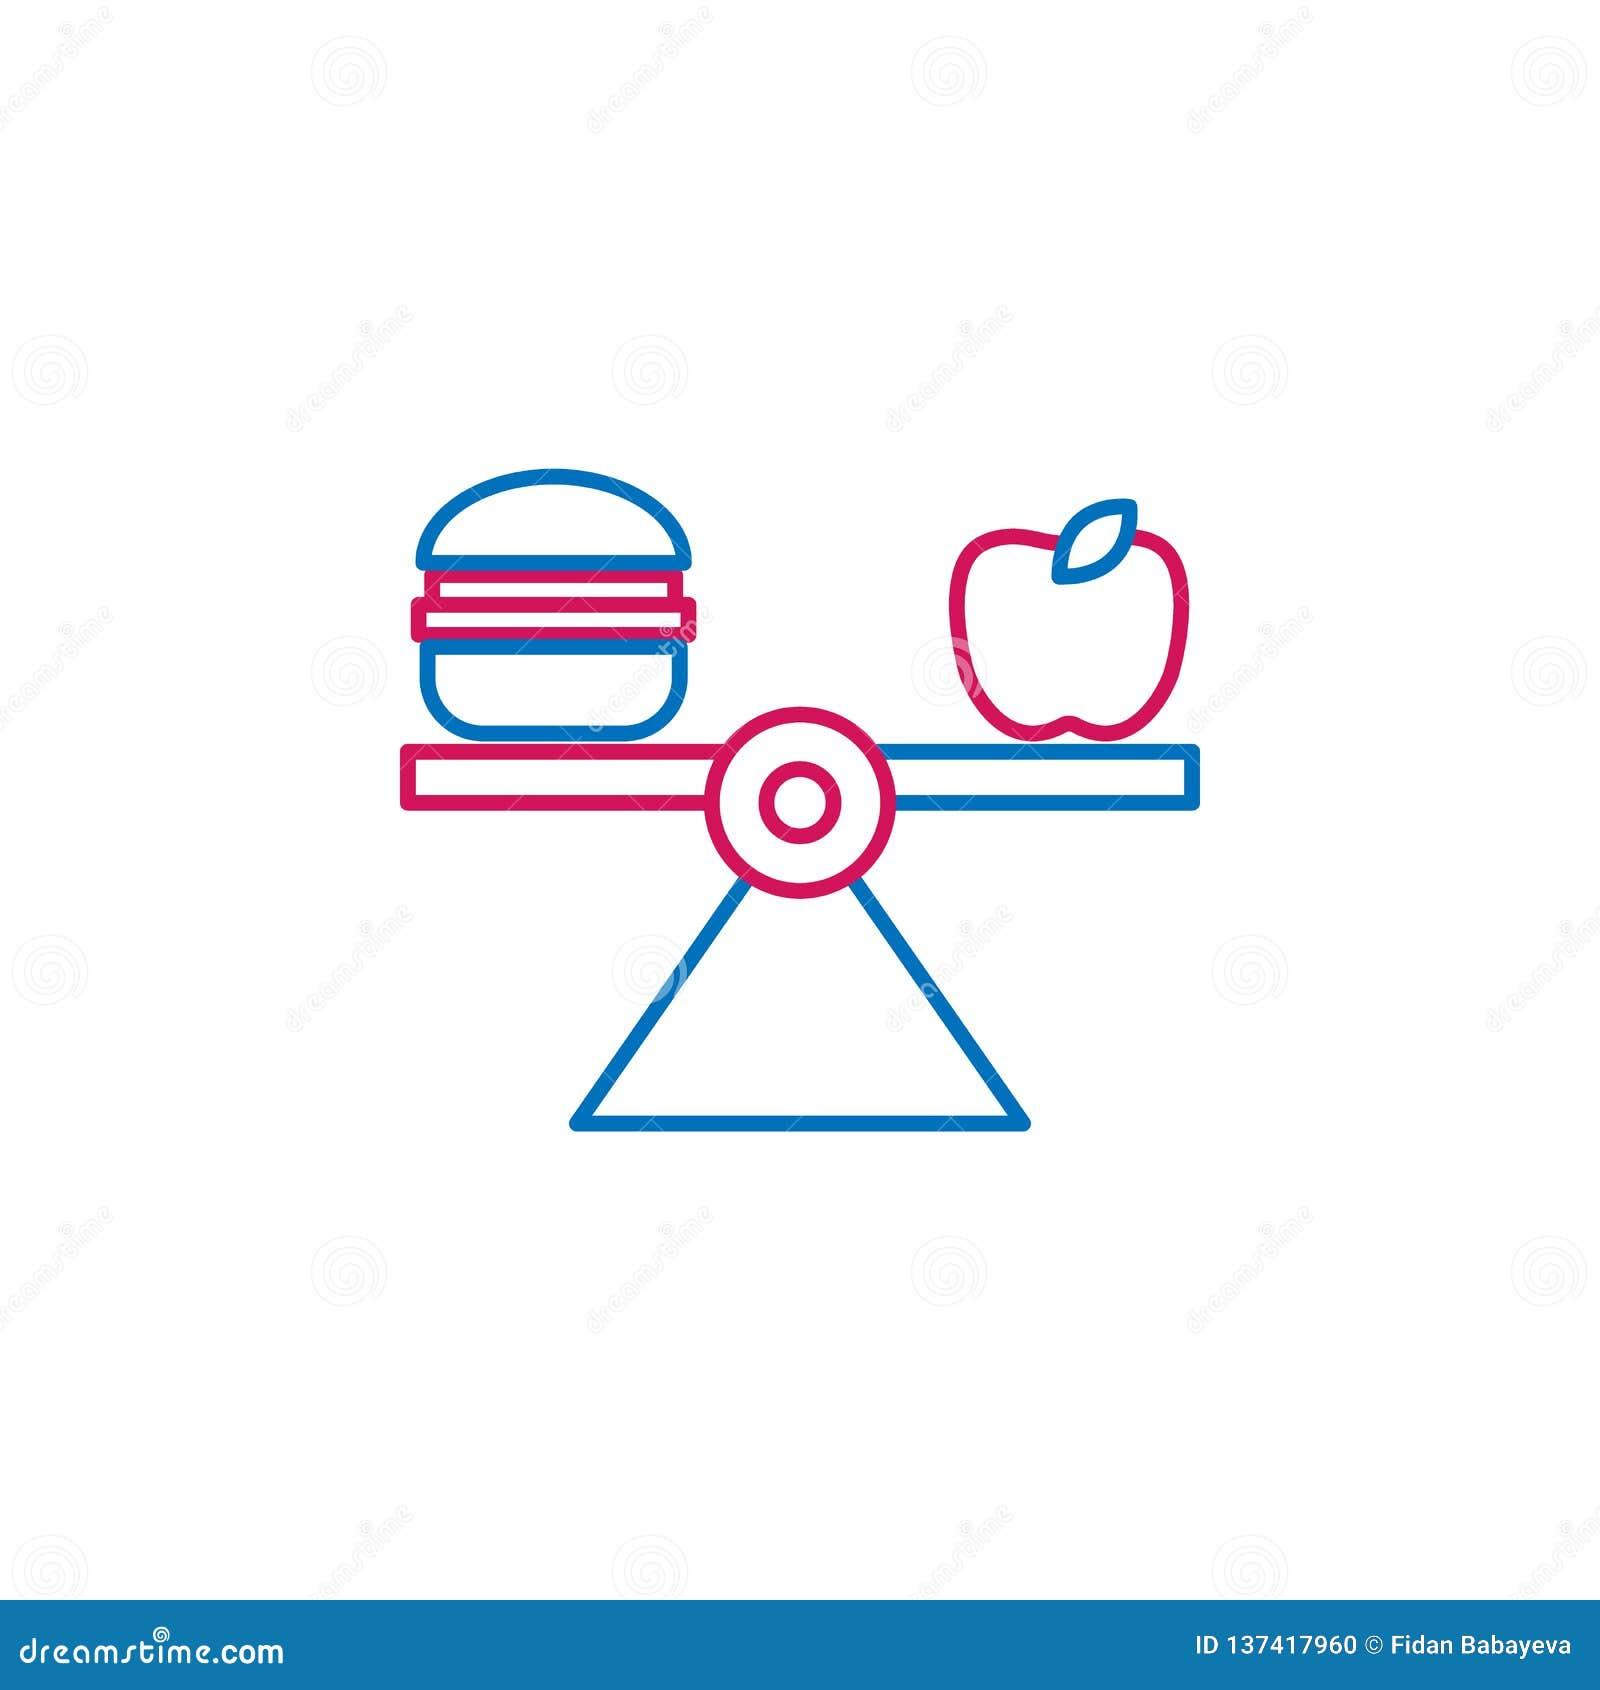 Ιατρικό, ισορροπημένο χρωματισμένο διατροφή εικονίδιο Στοιχείο της απεικόνισης ιατρικής Το εικονίδιο σημαδιών και συμβόλων μπορεί